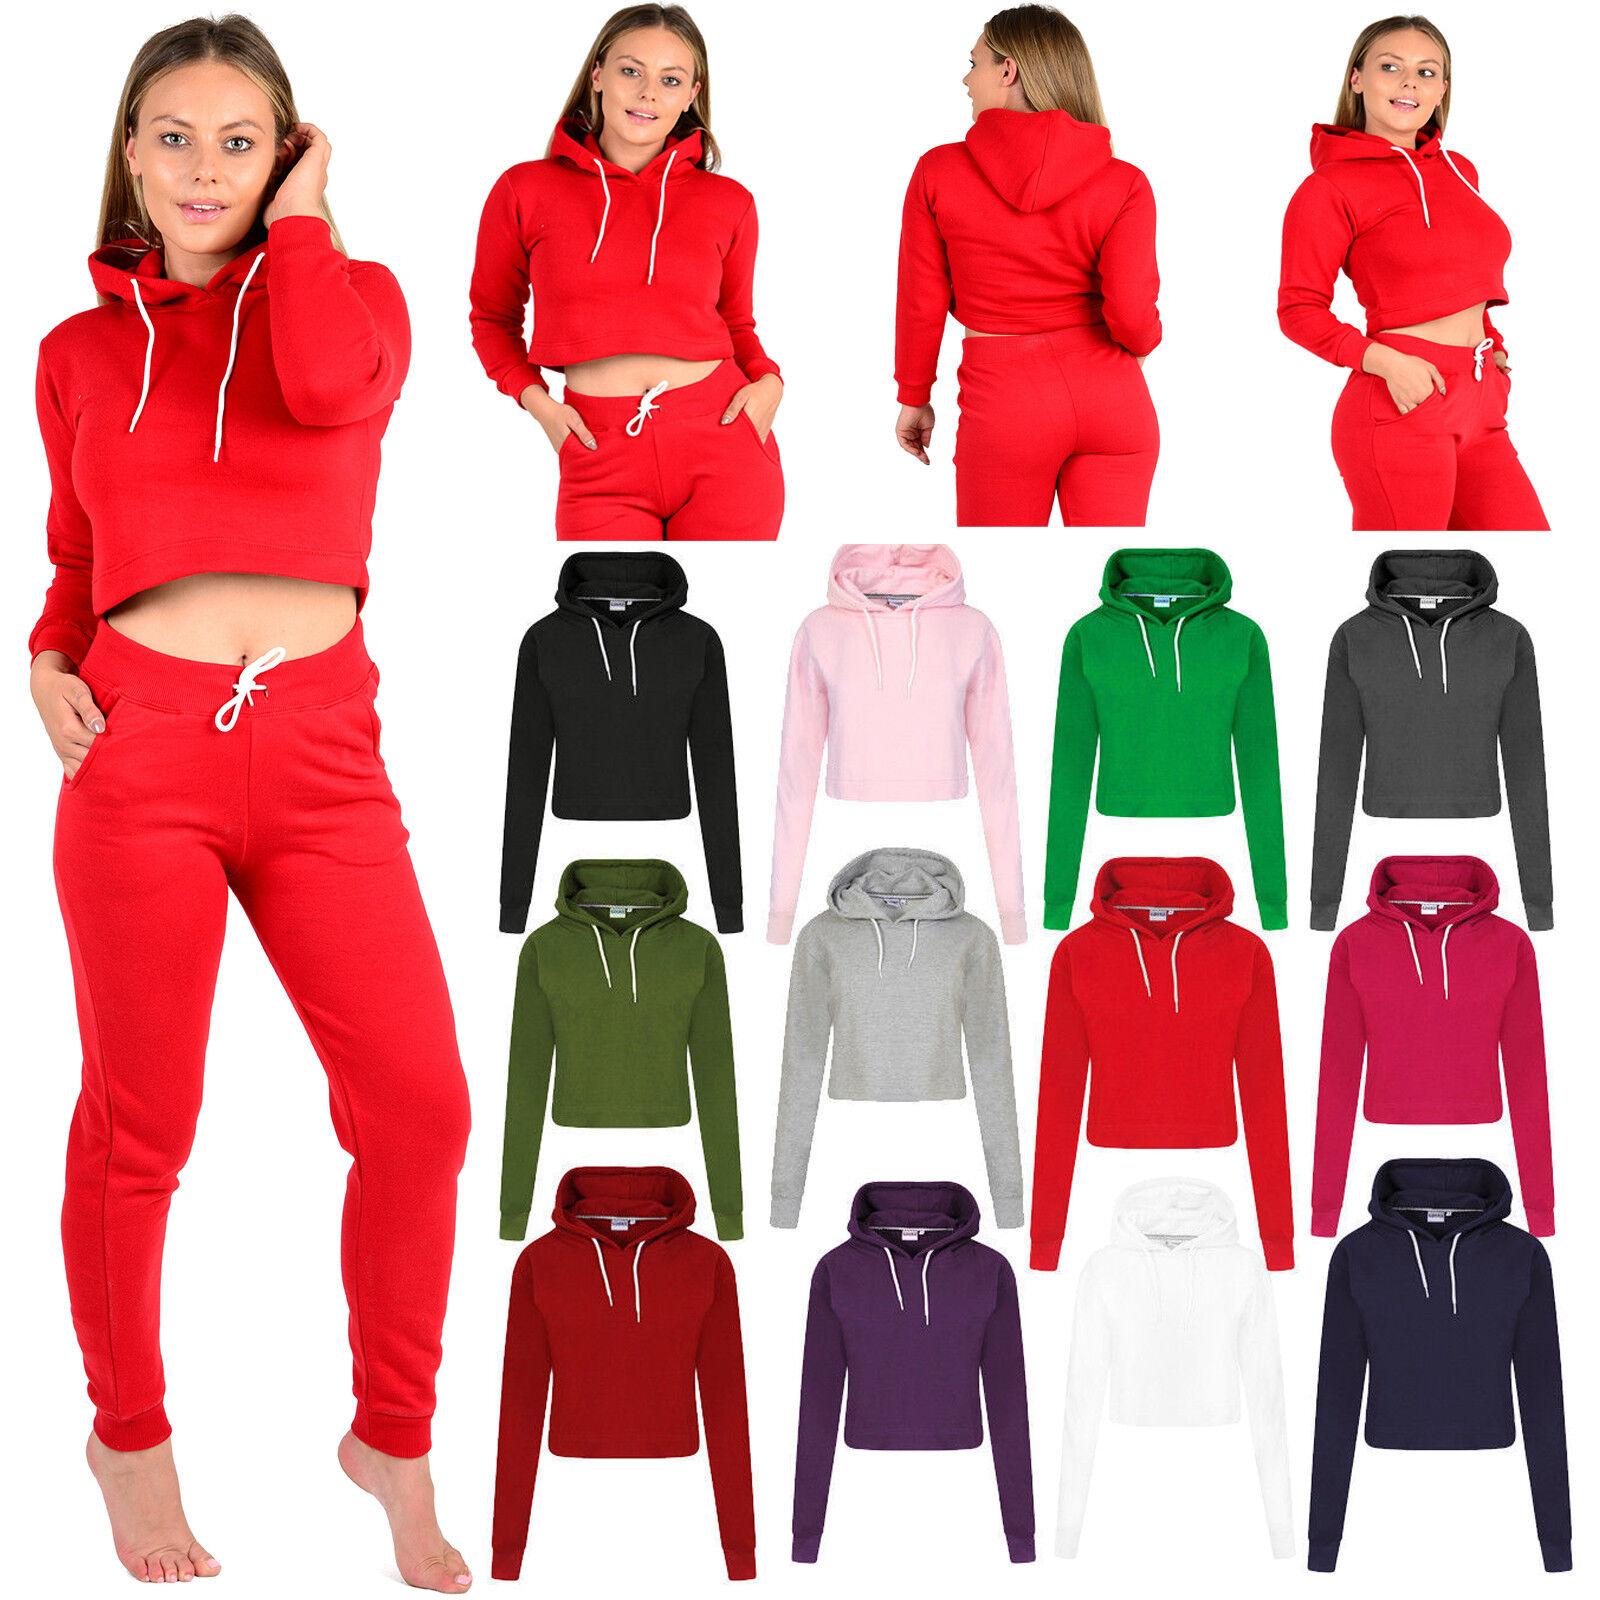 Womens Girls Casual Crop Tops Pullover Hooded Sweatshirt Jumper Hoodie Sportwear